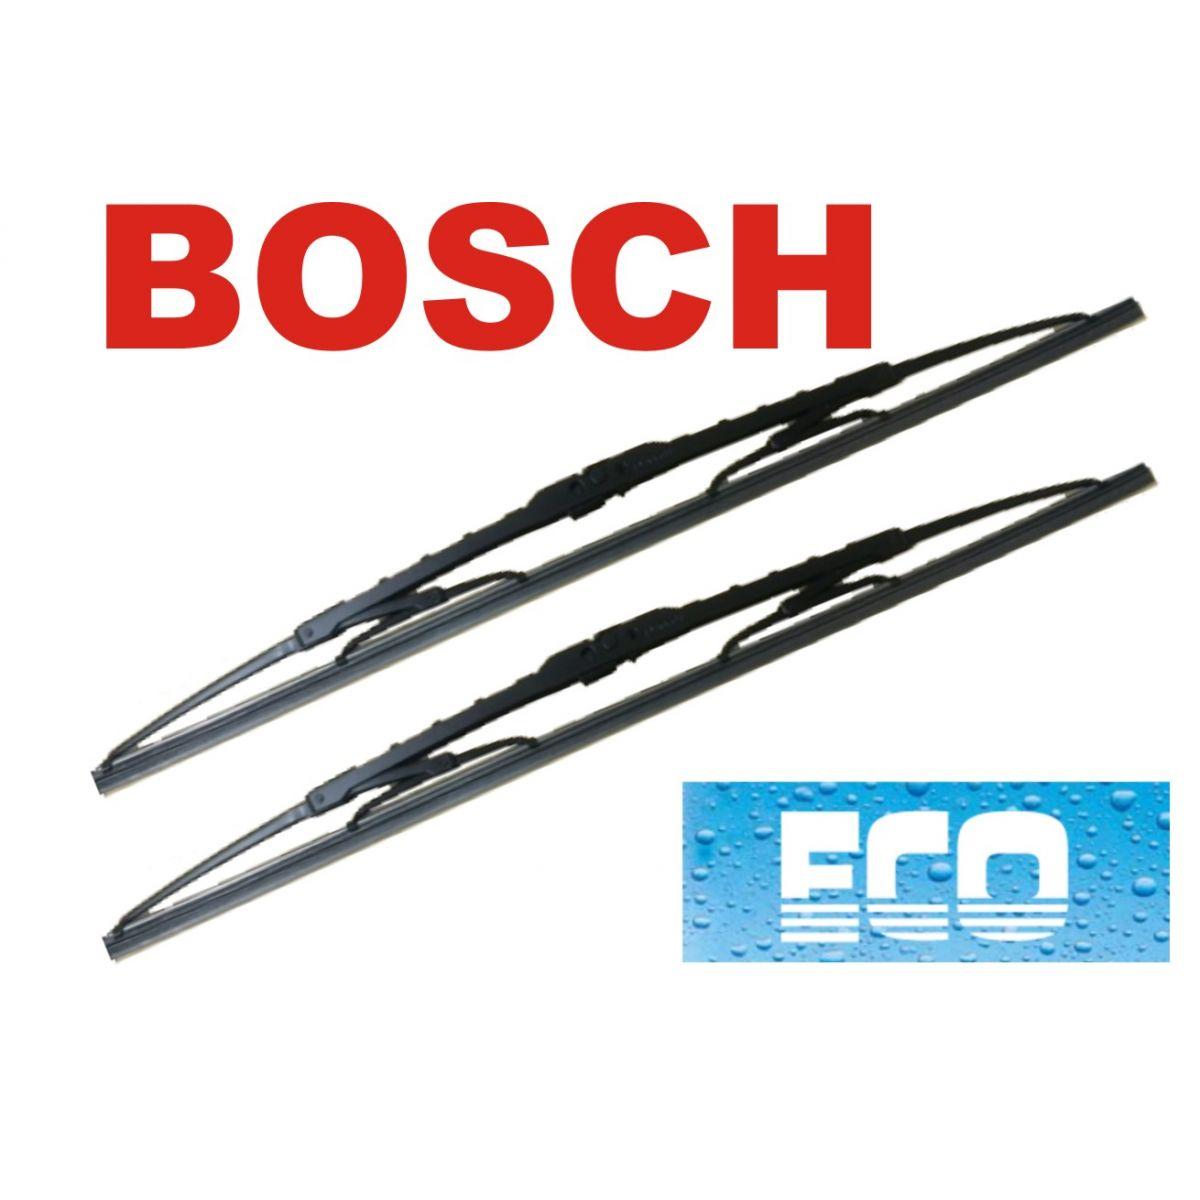 Palheta Original Bosch Eco Ford Fiesta III 2005 até 2011 Encaixe tipo GANCHO